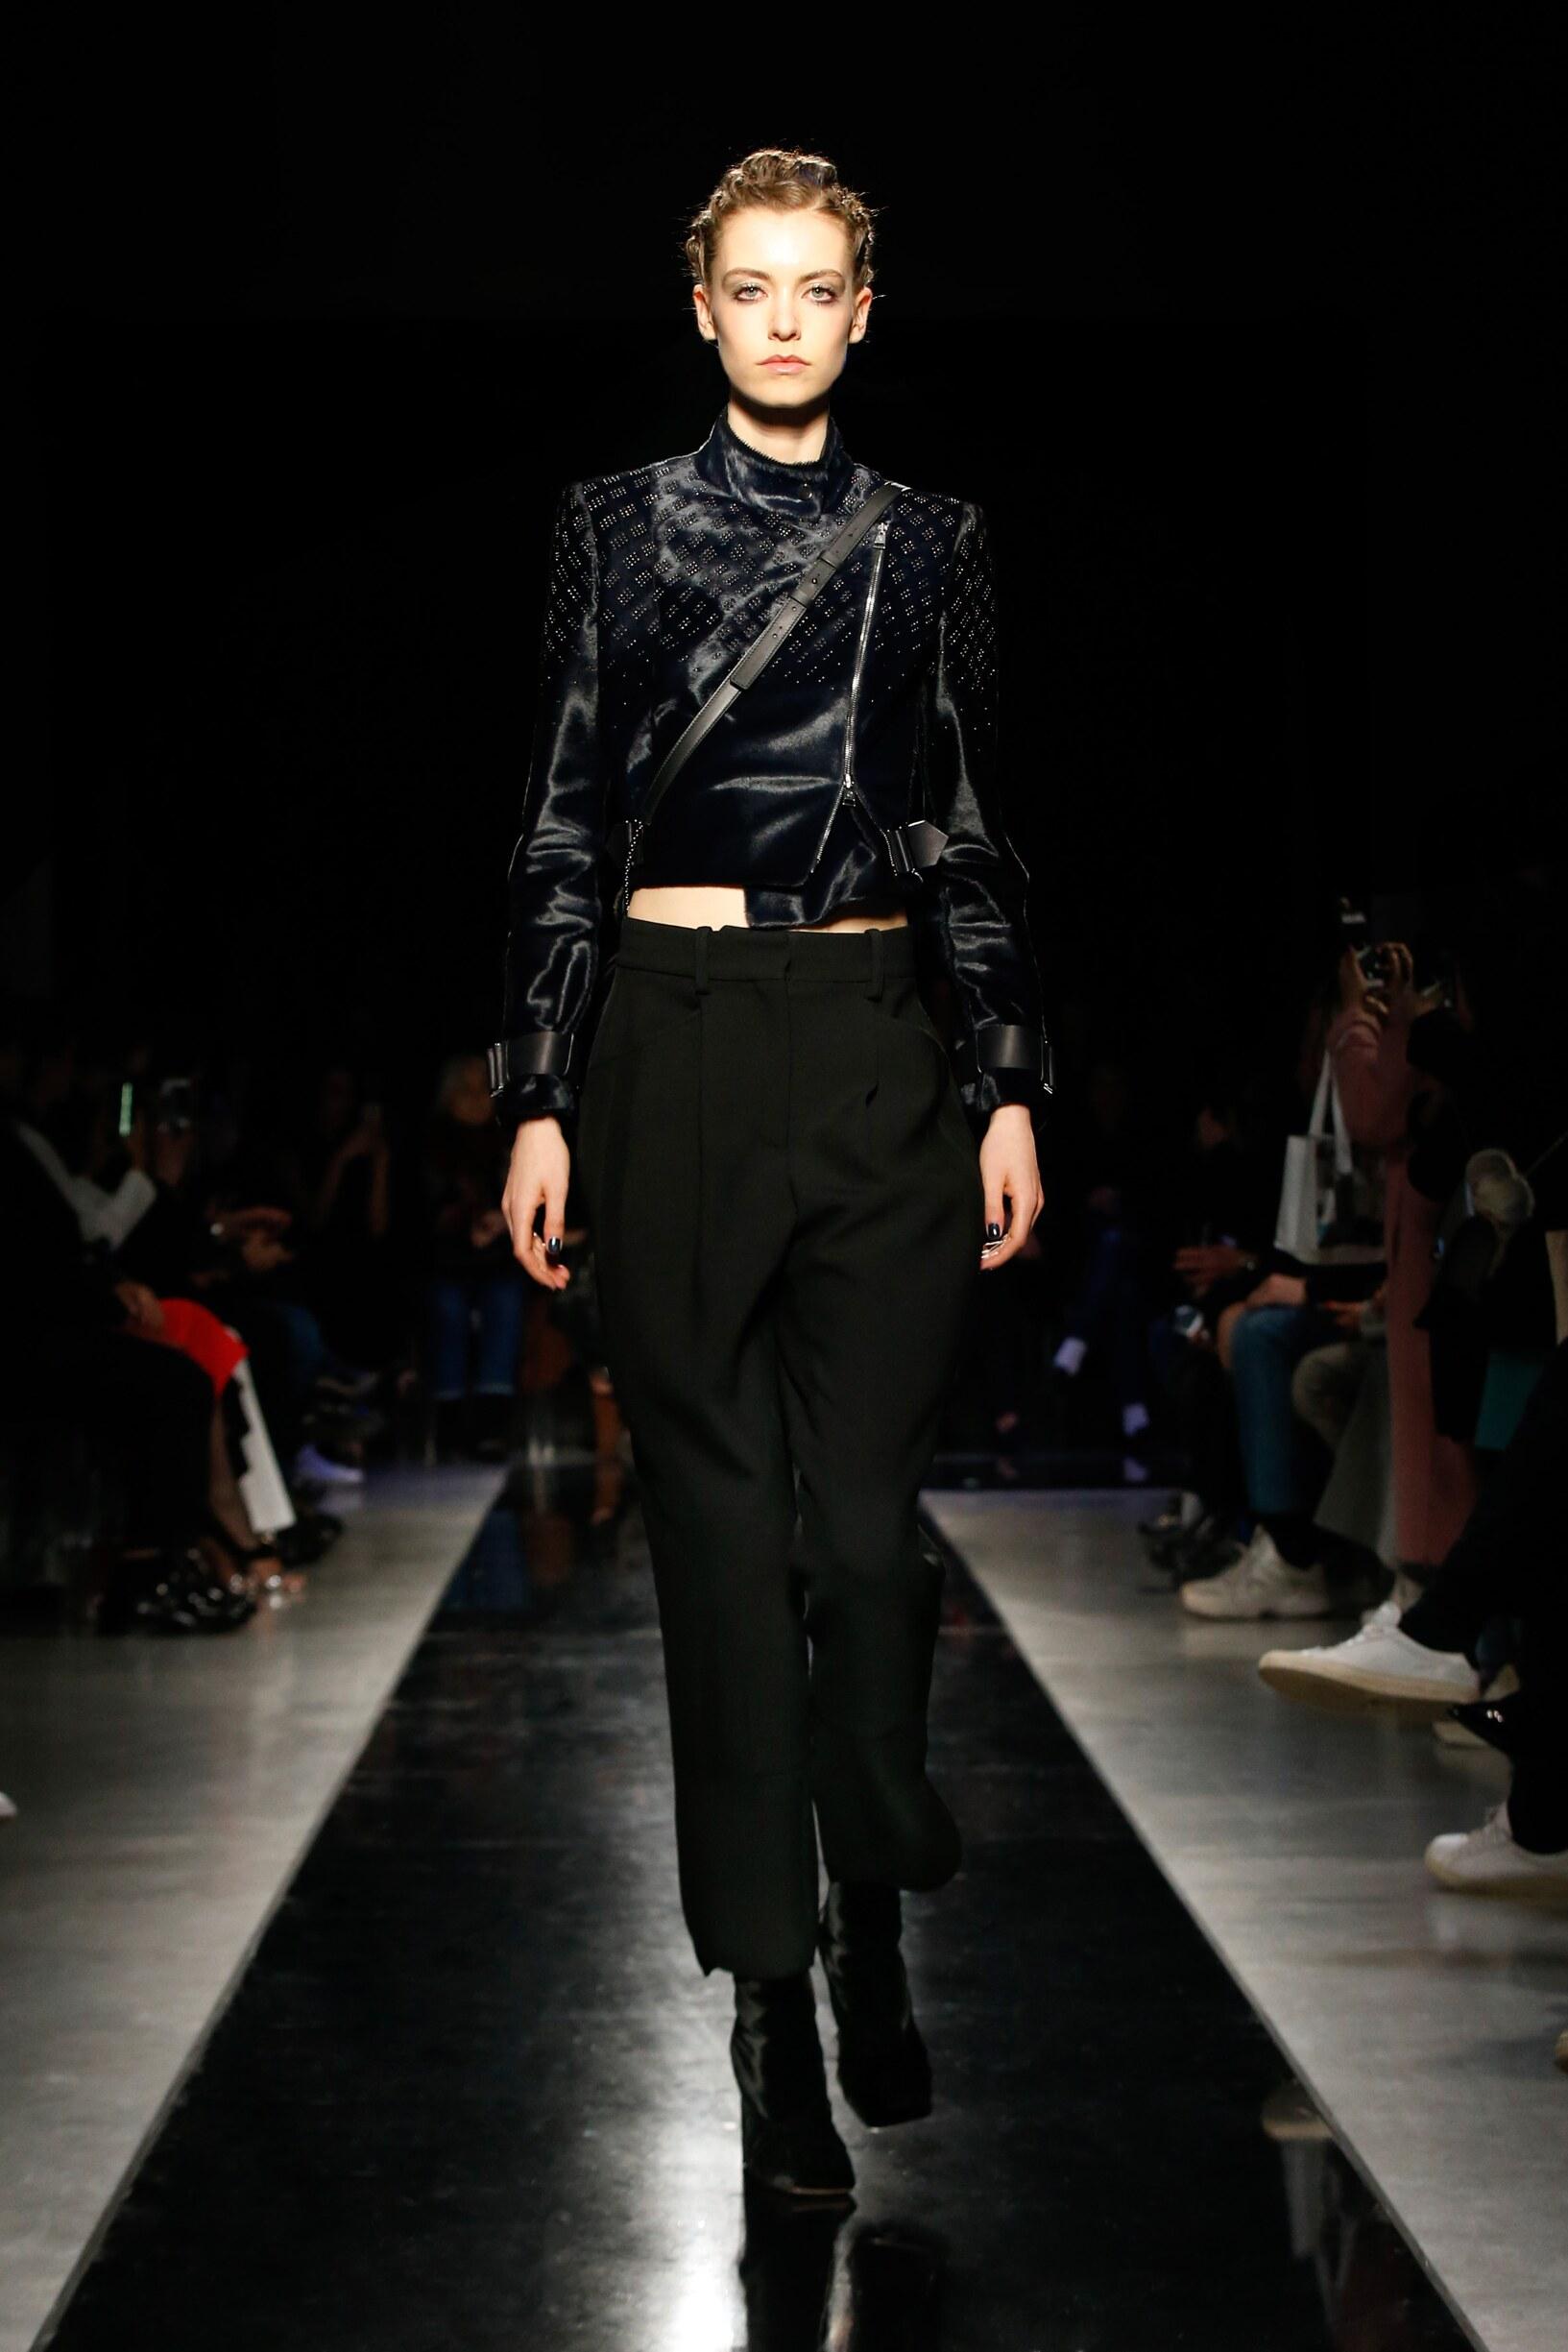 Giorgio Armani Woman 2019